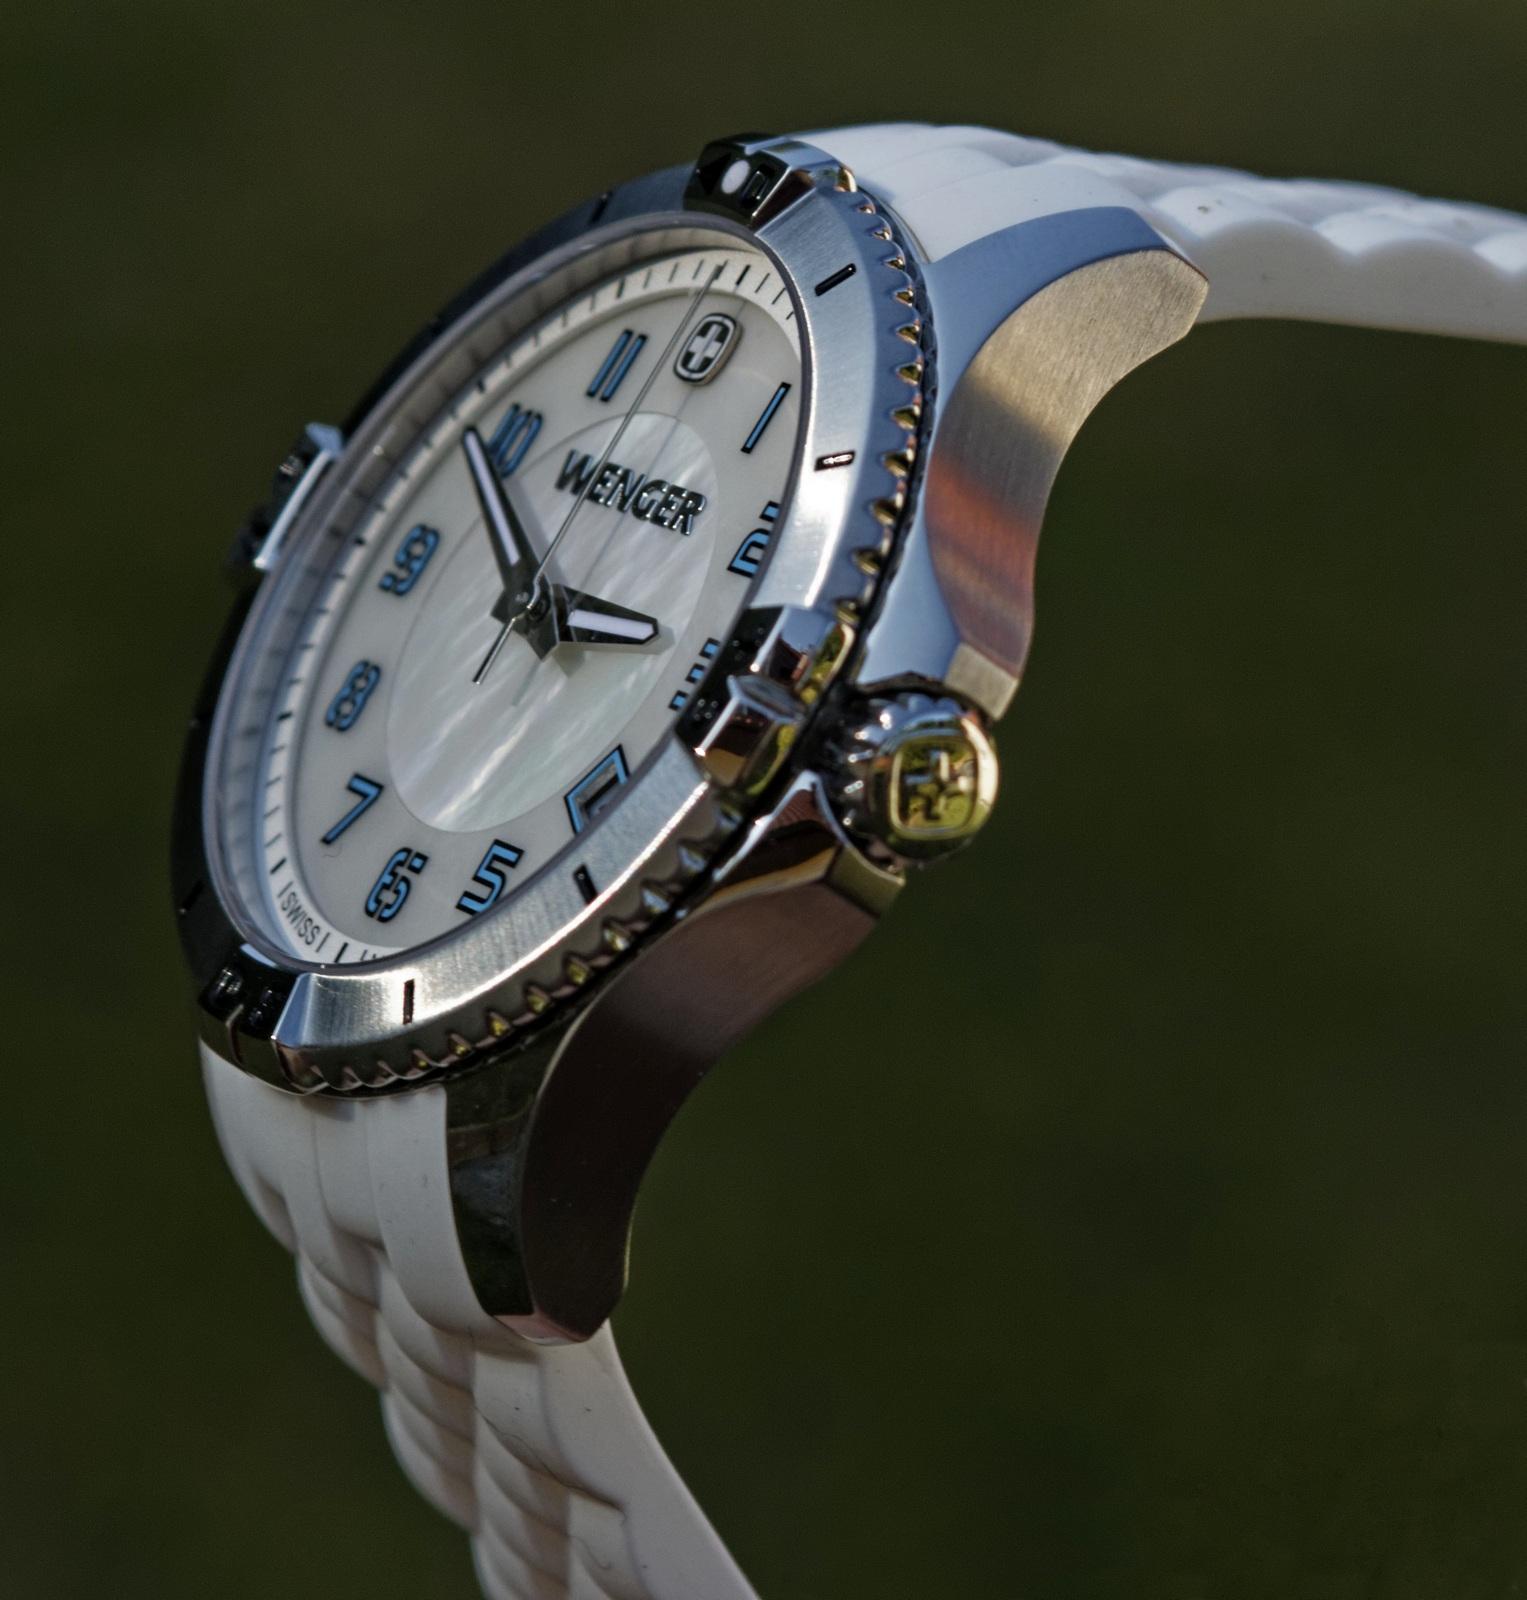 475d110d0 Od ženy pro ženy: recenze hodinek Wenger Squadron Lady   Blog.Helveti.cz